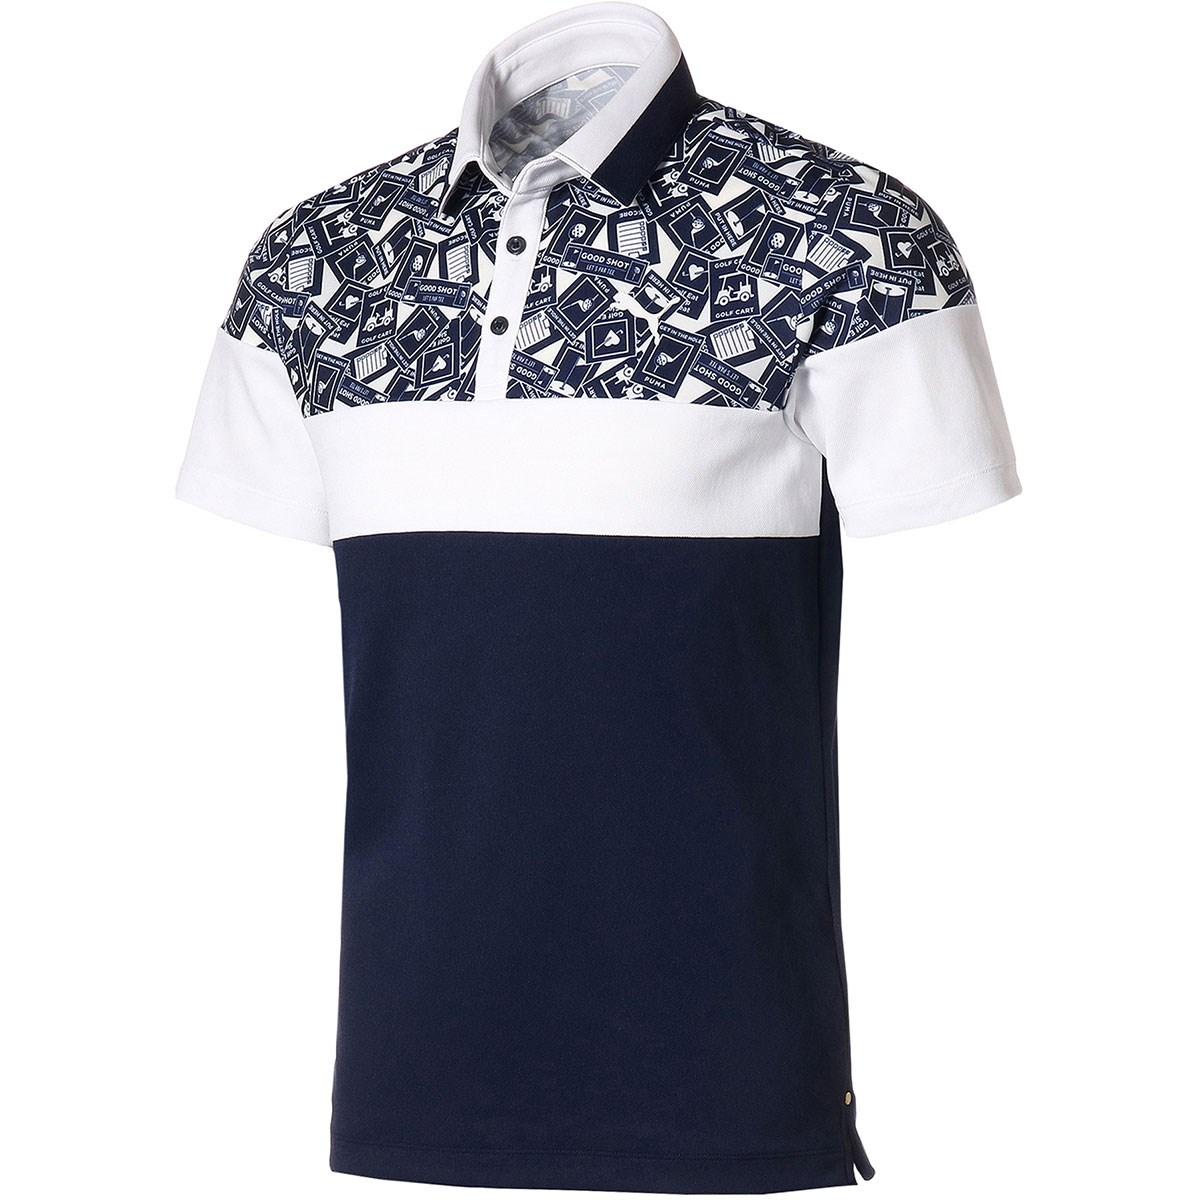 プーマ(PUMA) エクスプレス半袖ポロシャツ